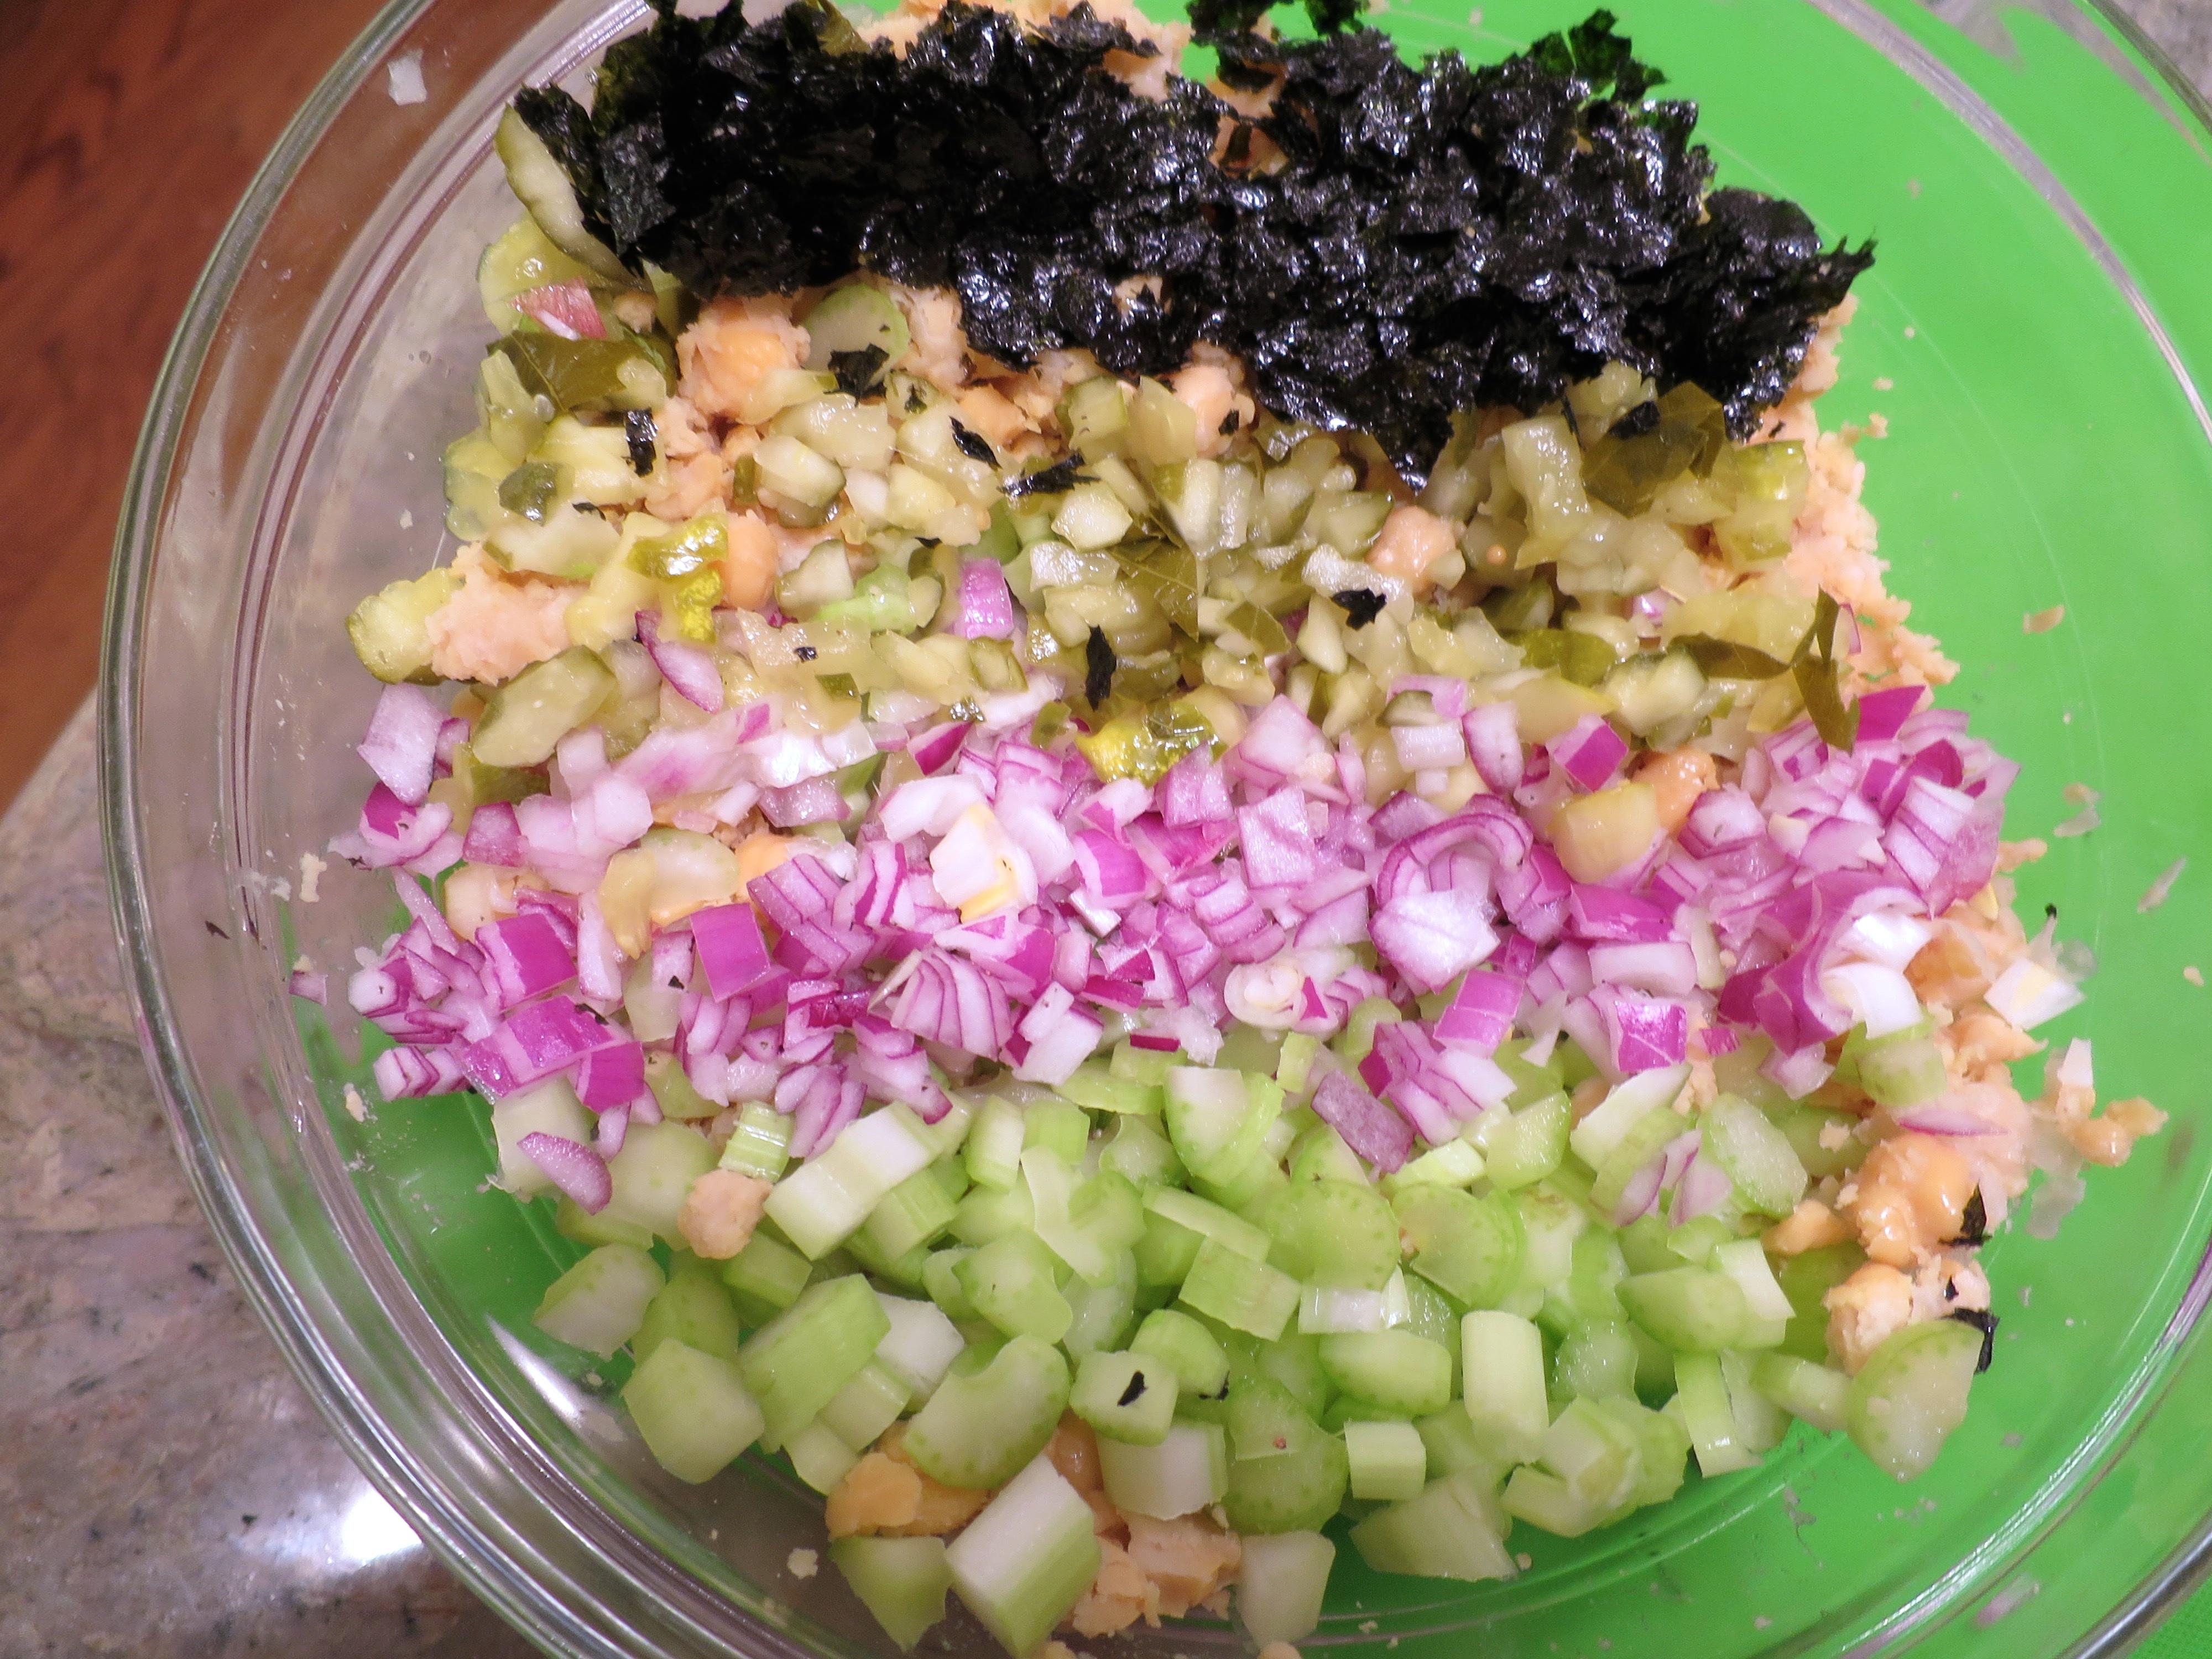 Tuna-less Salad